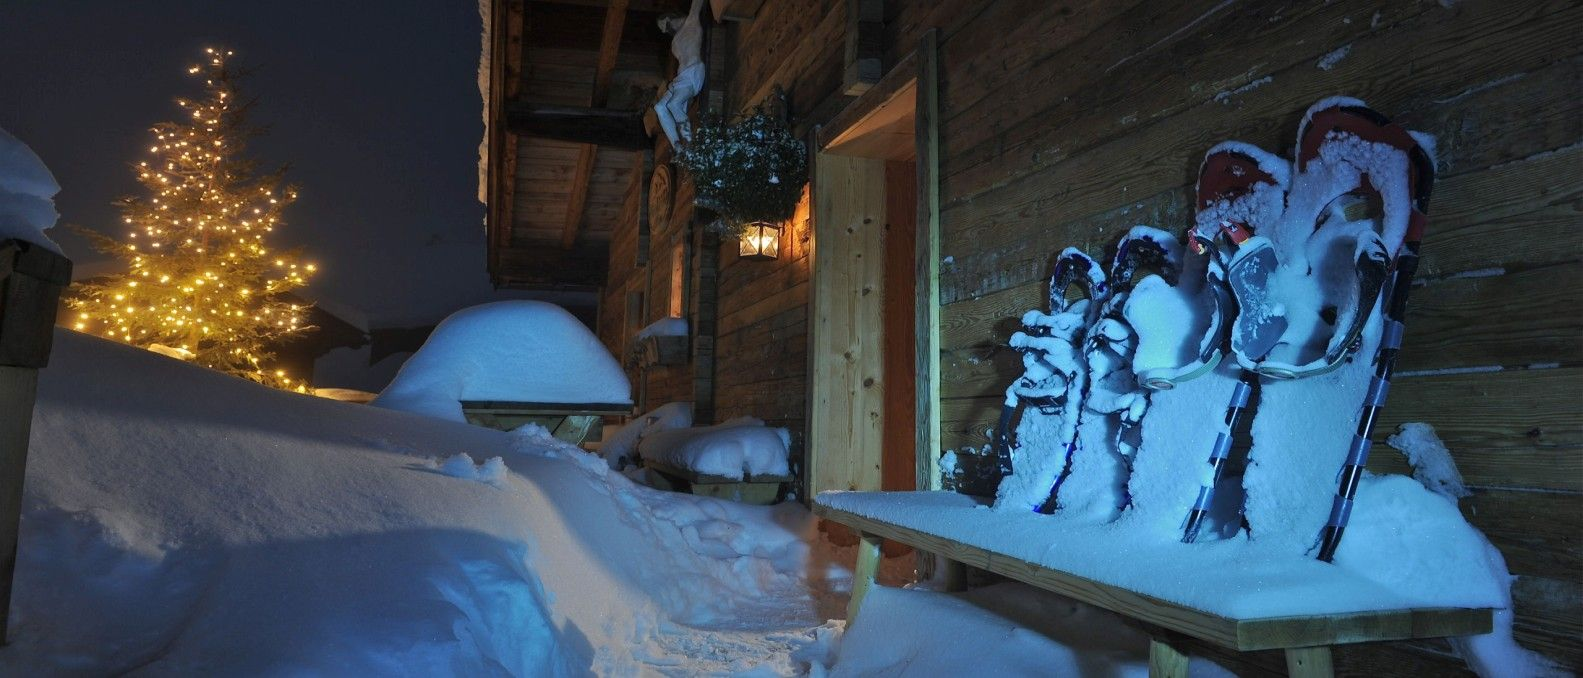 Alpbachtal Seenland Berghütte Schneeschuhe Abendstimmung apartment-schoenwies.at